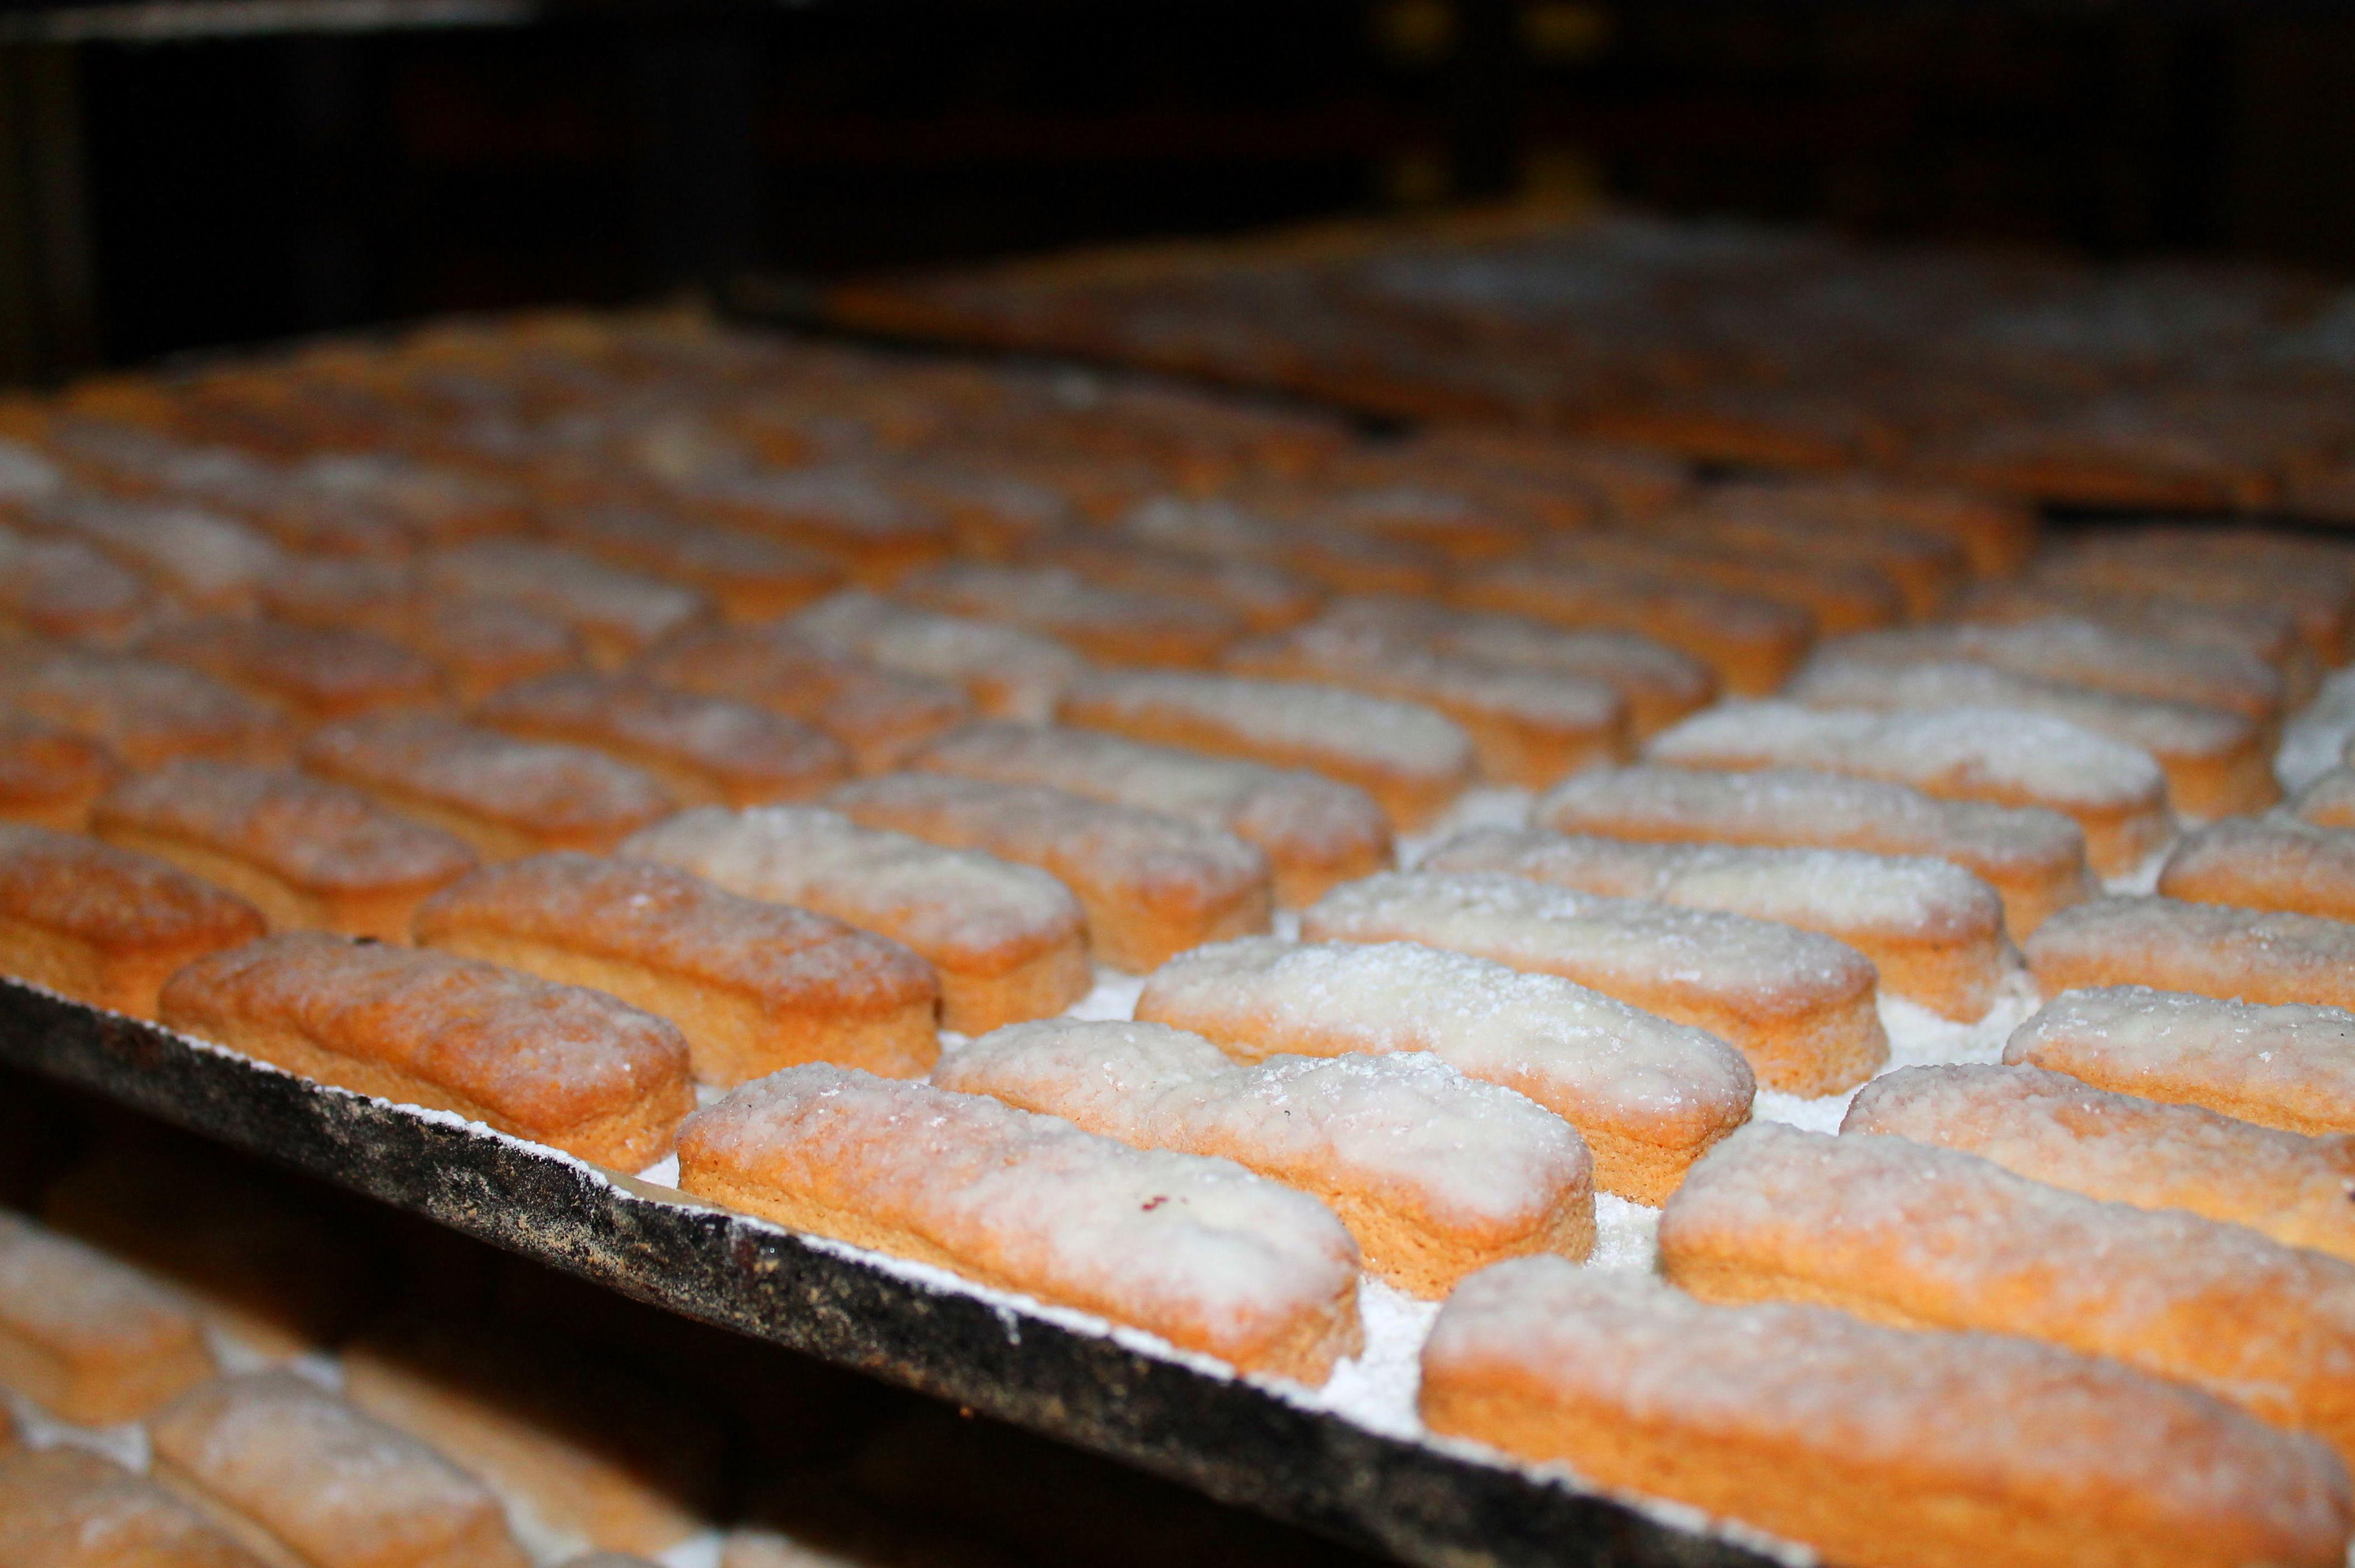 Foto 42 de Obrador artesano con amplia variedad de panes en Jaén | Panaderías y Confiterías Rodríguez